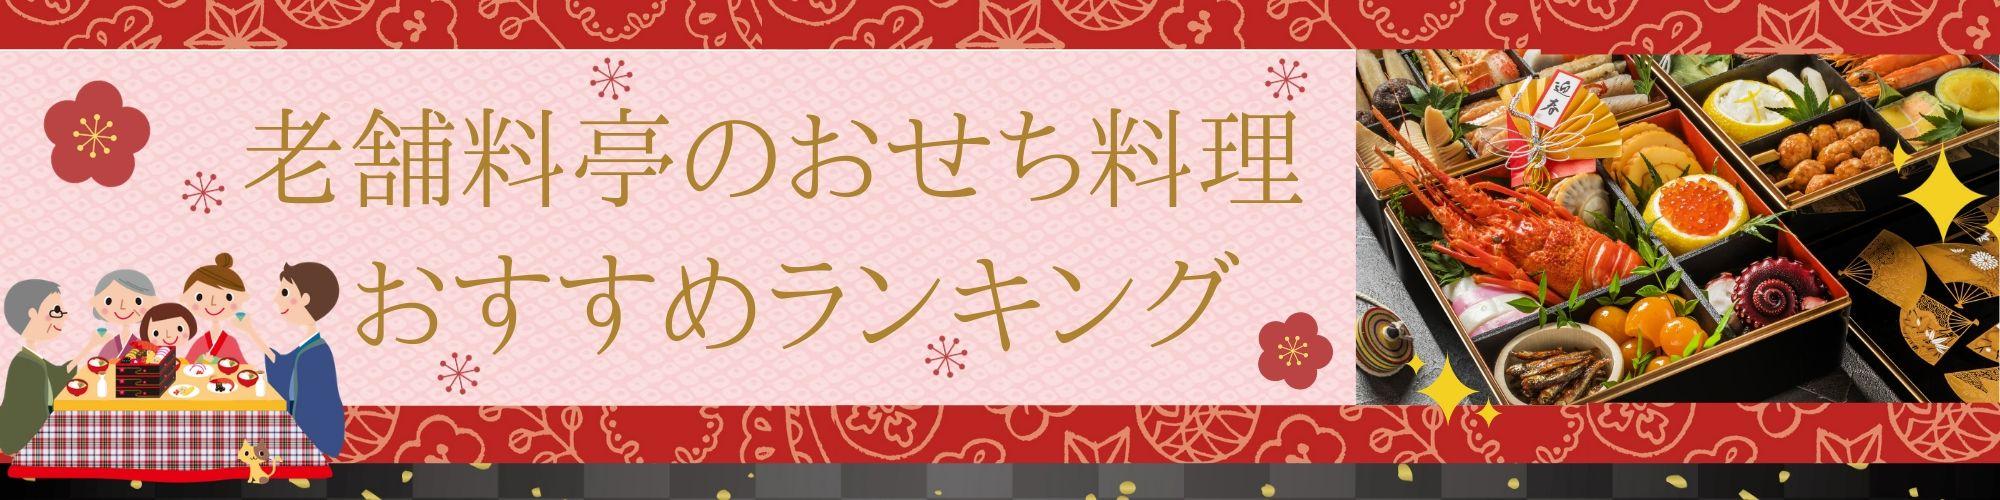 老舗料亭のおせち料理通販おすすめ10選